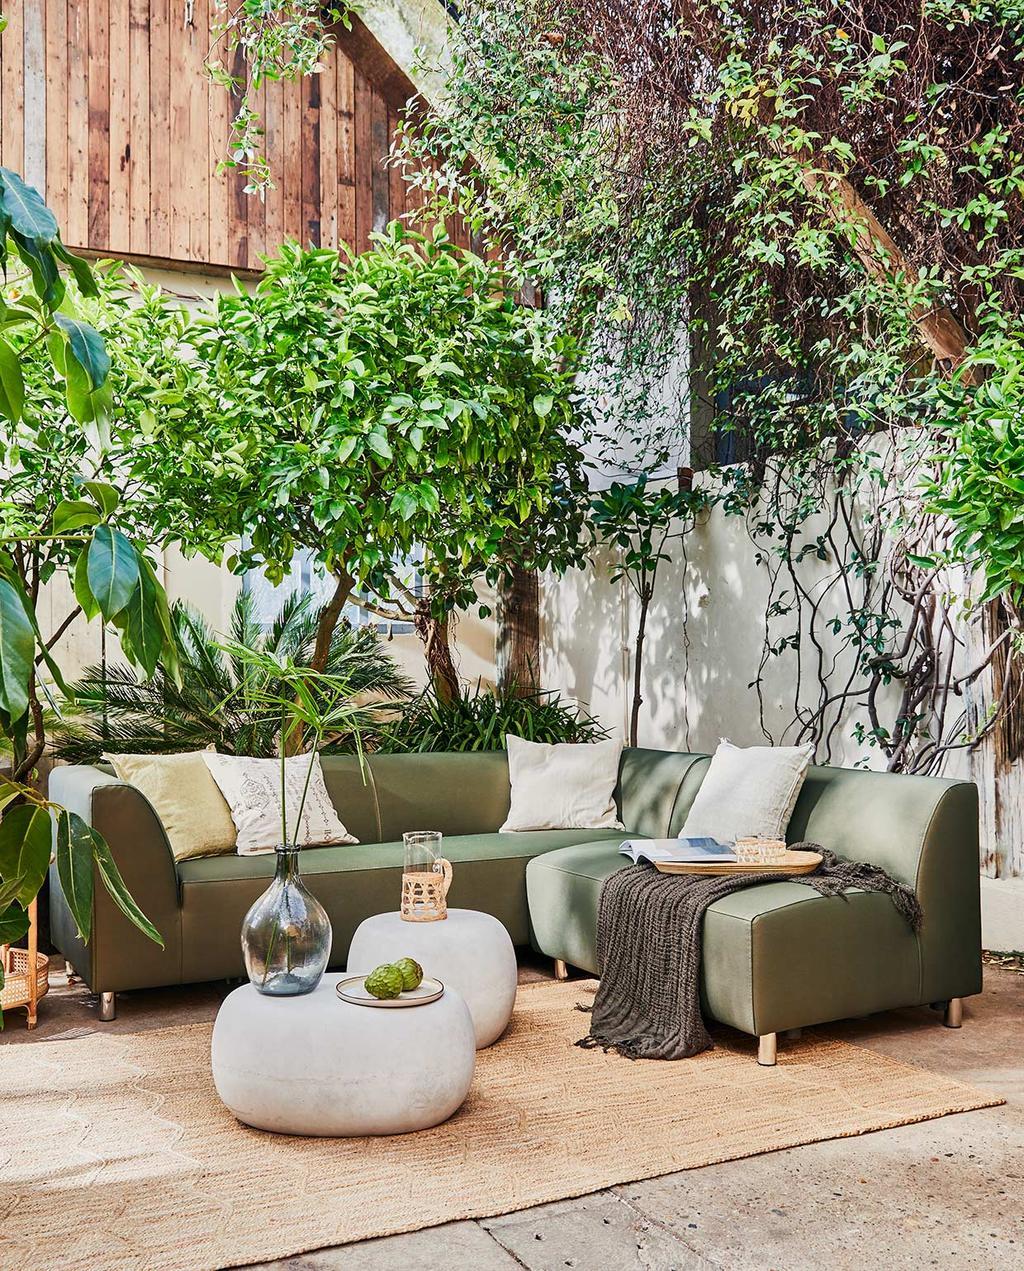 vtwonen 05-2021 | sfeerbeeld van vtwonen tuinbank huiscollectie